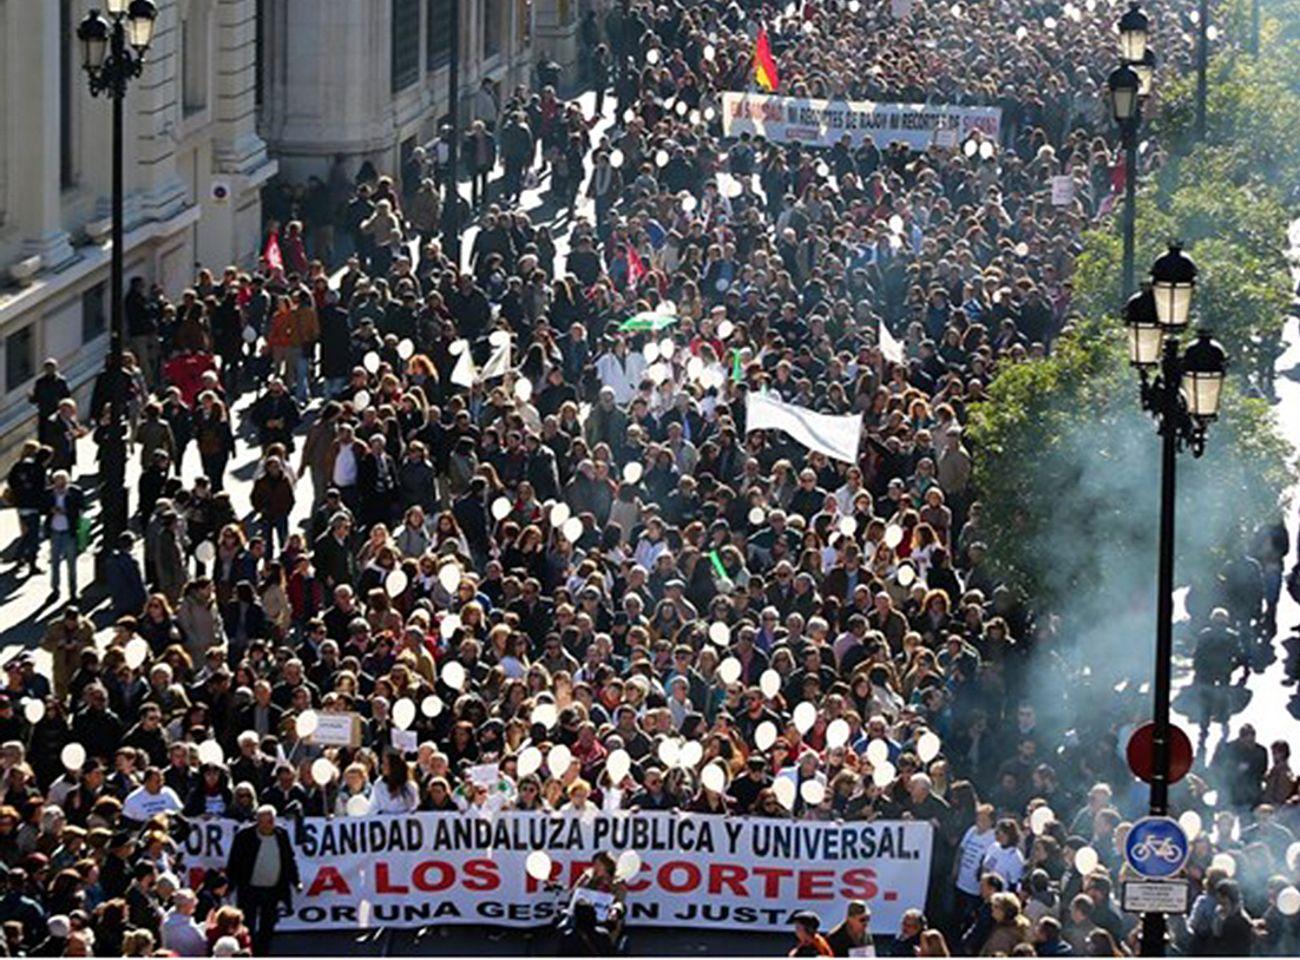 Marea Blanca en Sevilla protesta contra las listas de espera ante el Hospital Virgen Macarena